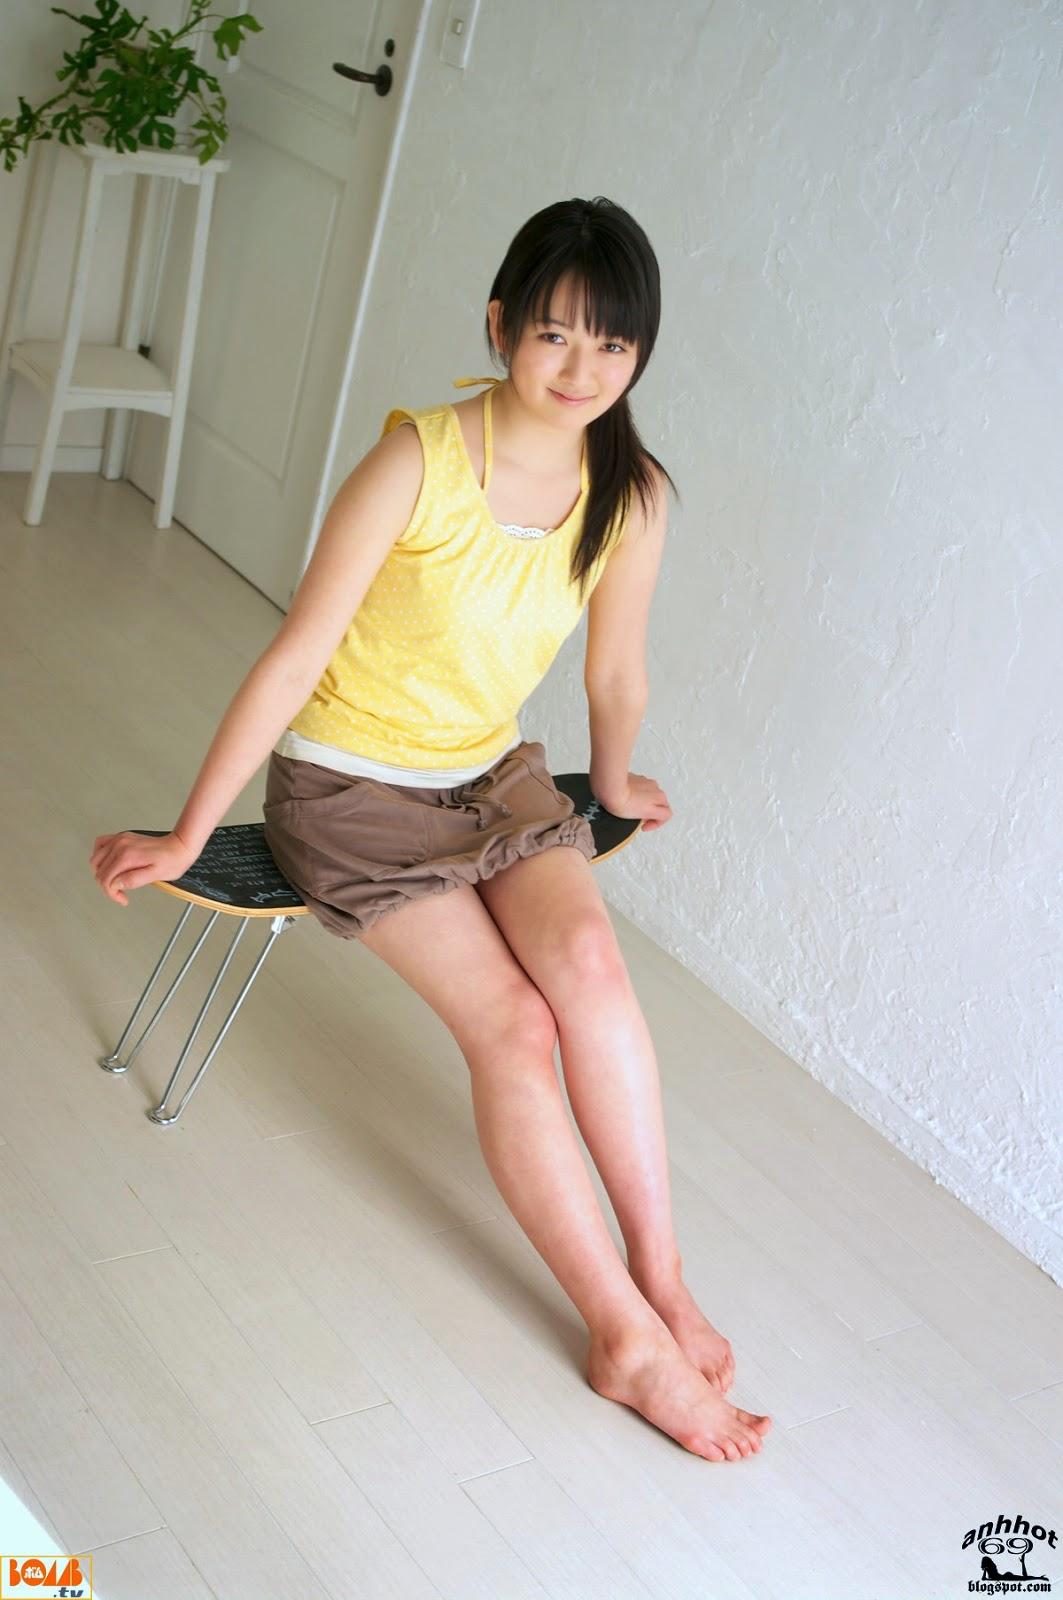 saki-takayama-00855663